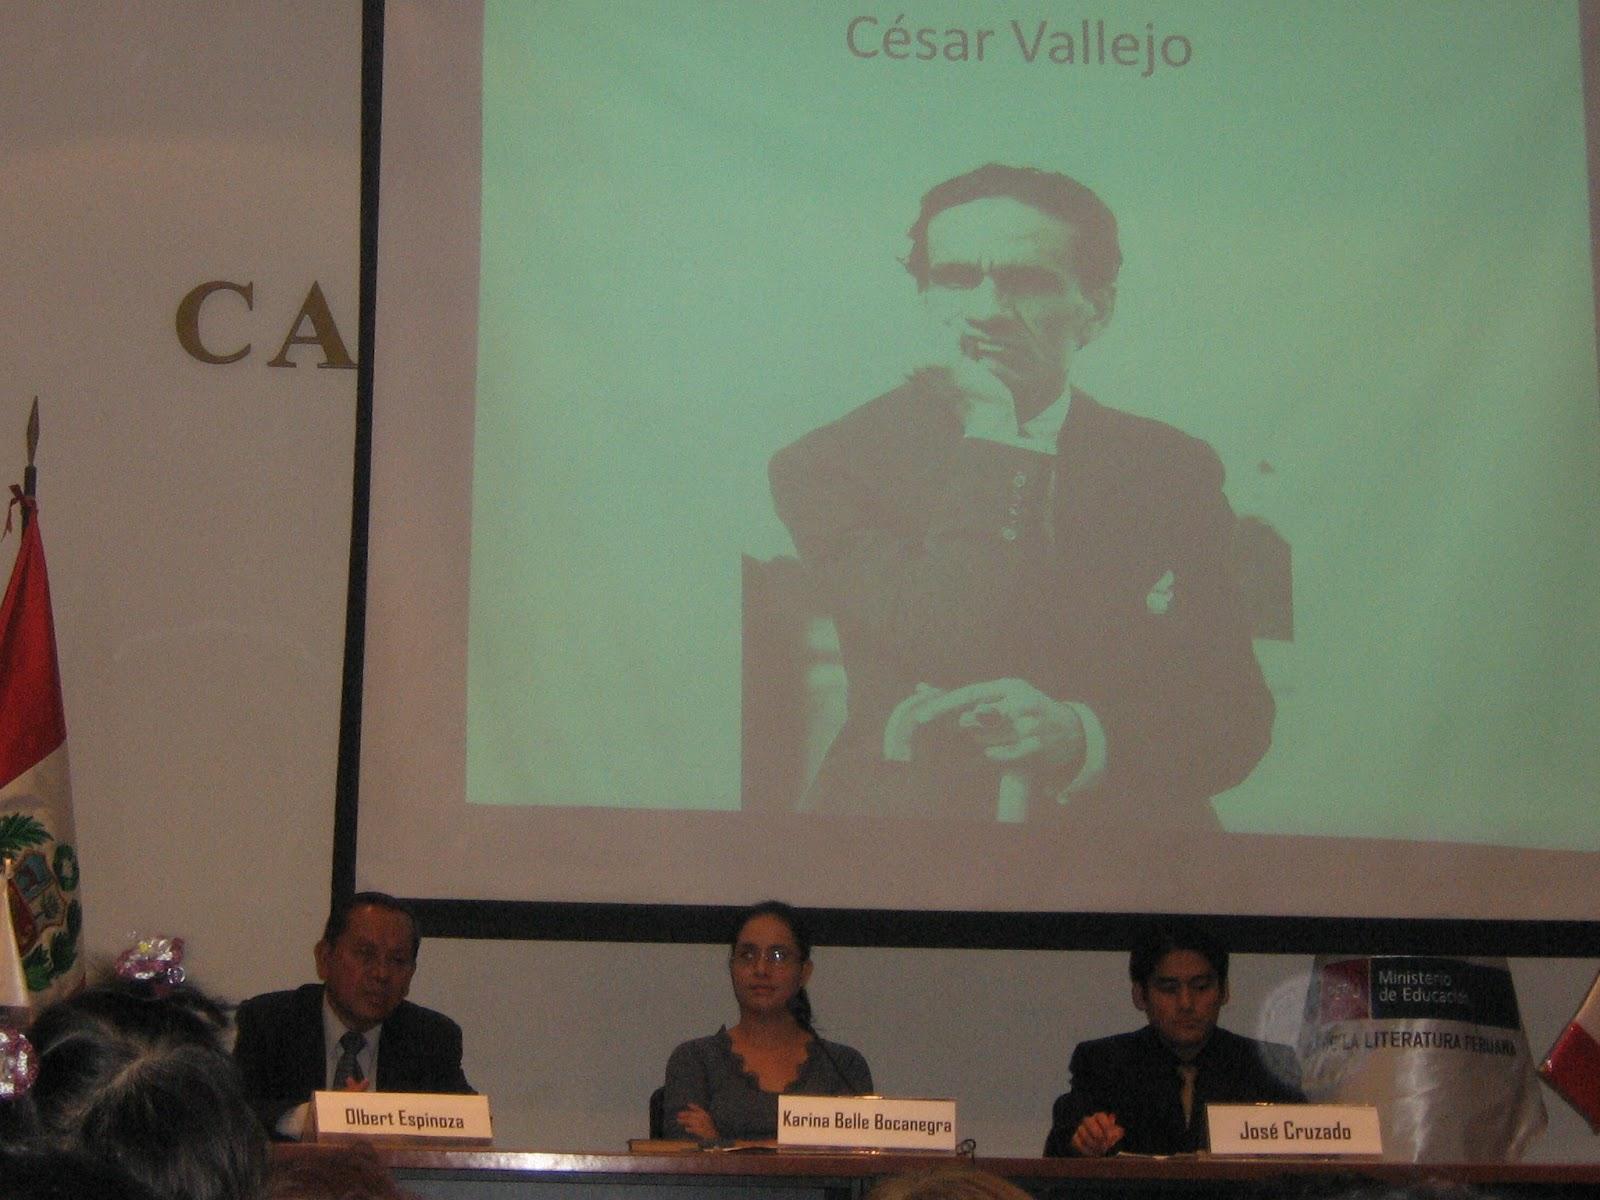 Cesar Vallejo hallazgo de la vida